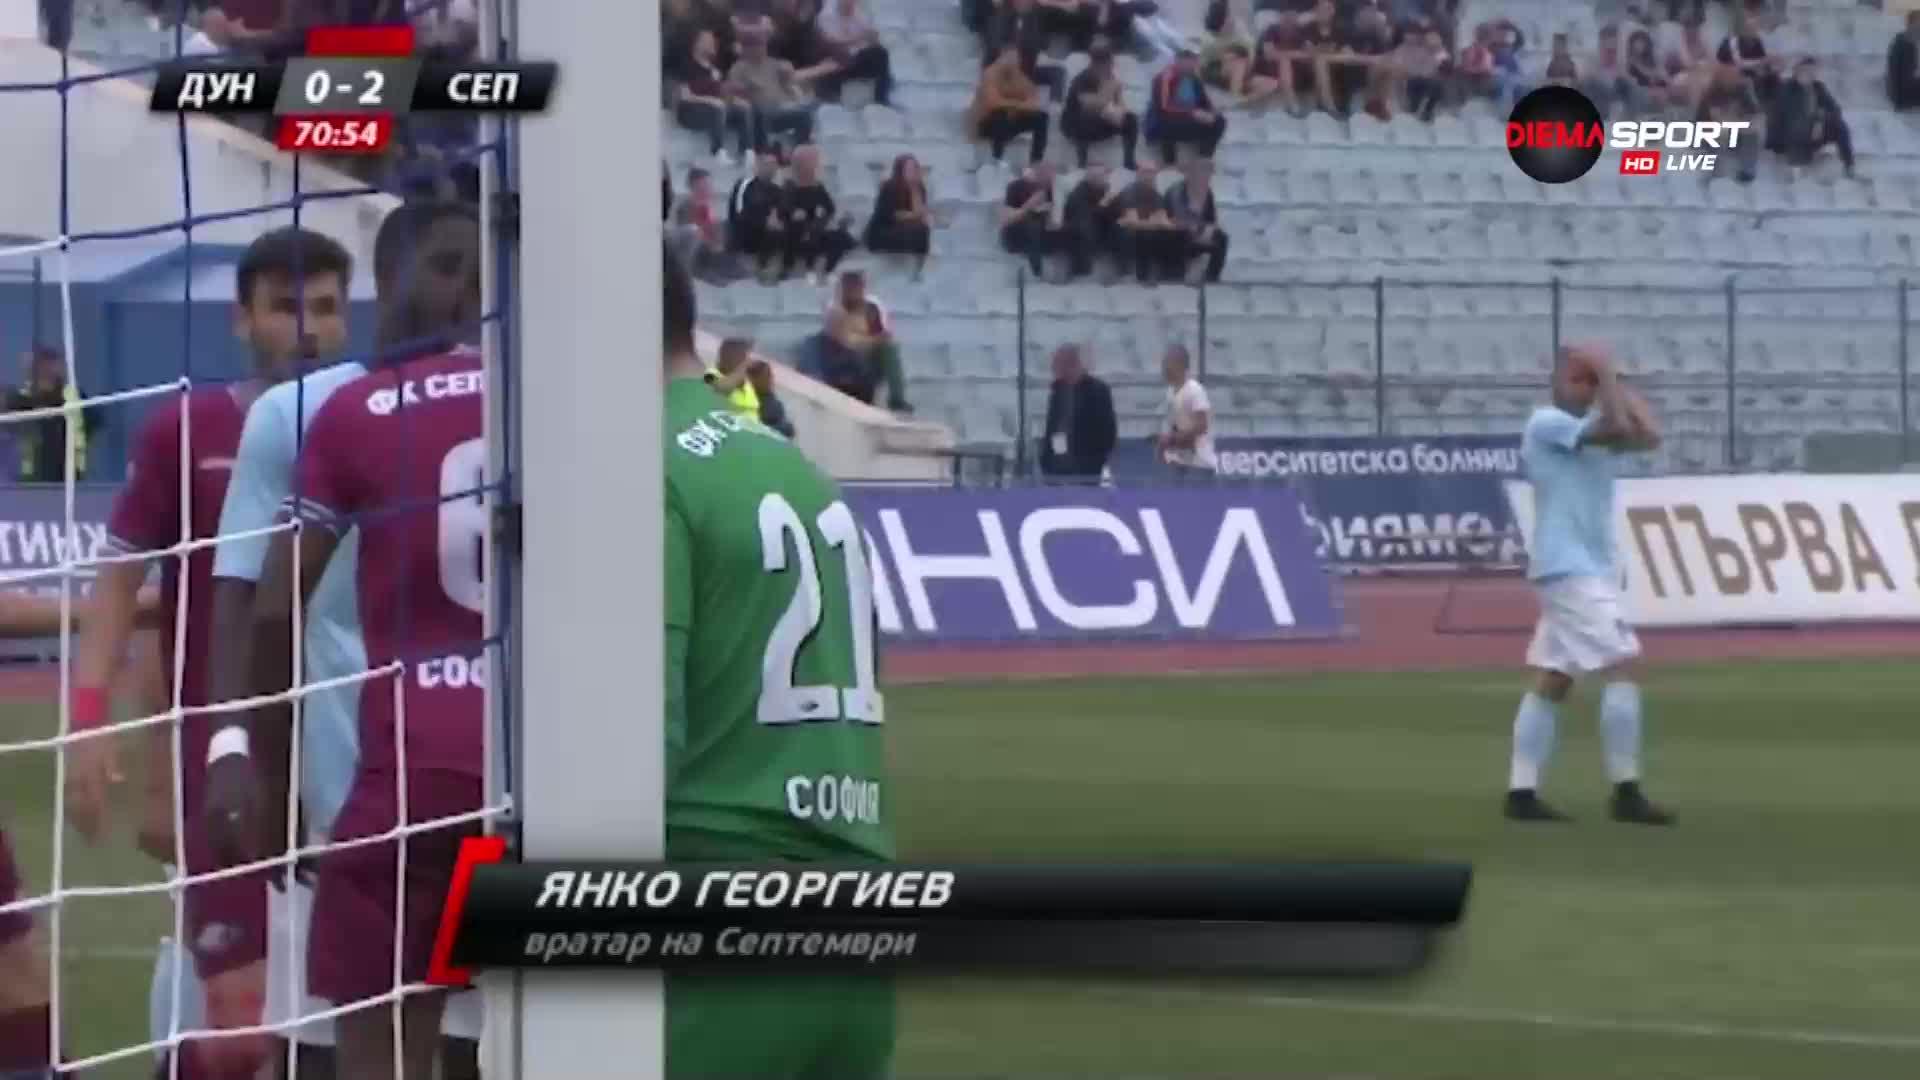 Спасяване на Янко Георгиев от Септември срещу Дунав